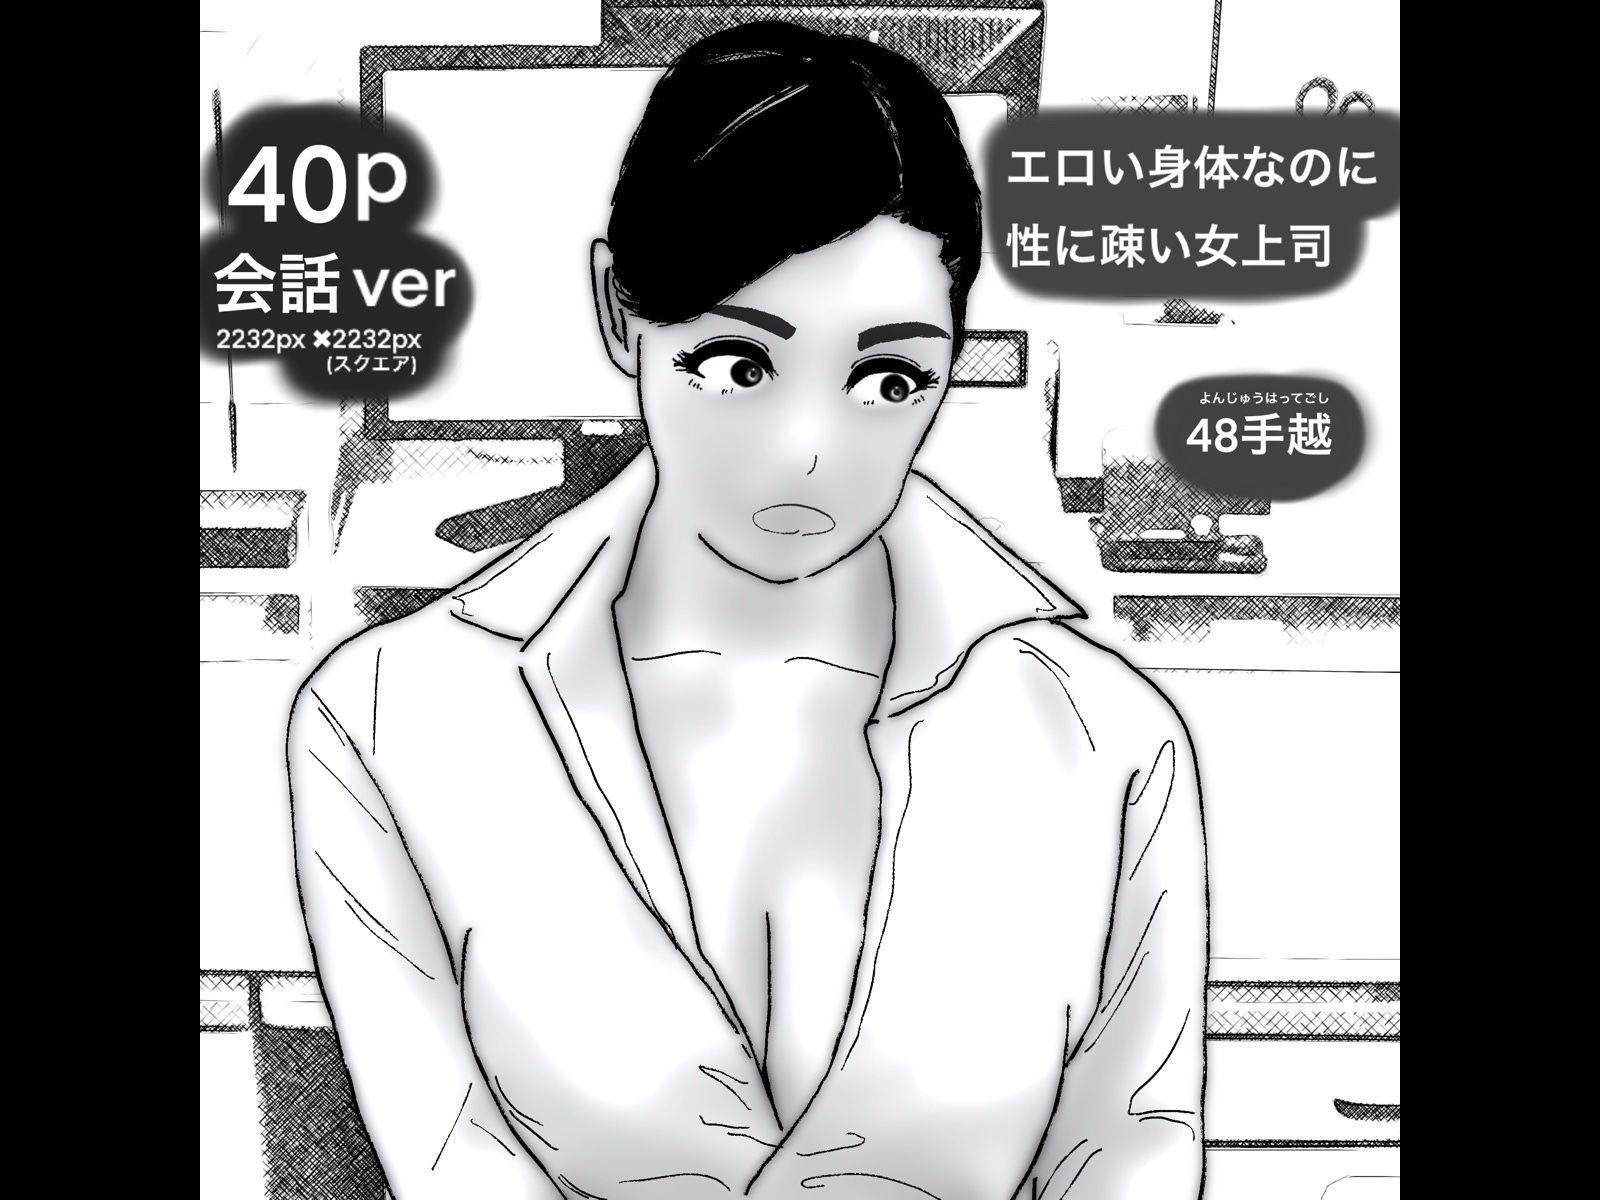 サンプル画像0:40pエロい身体なのに性に疎い女上司(48手越) [d_190378]